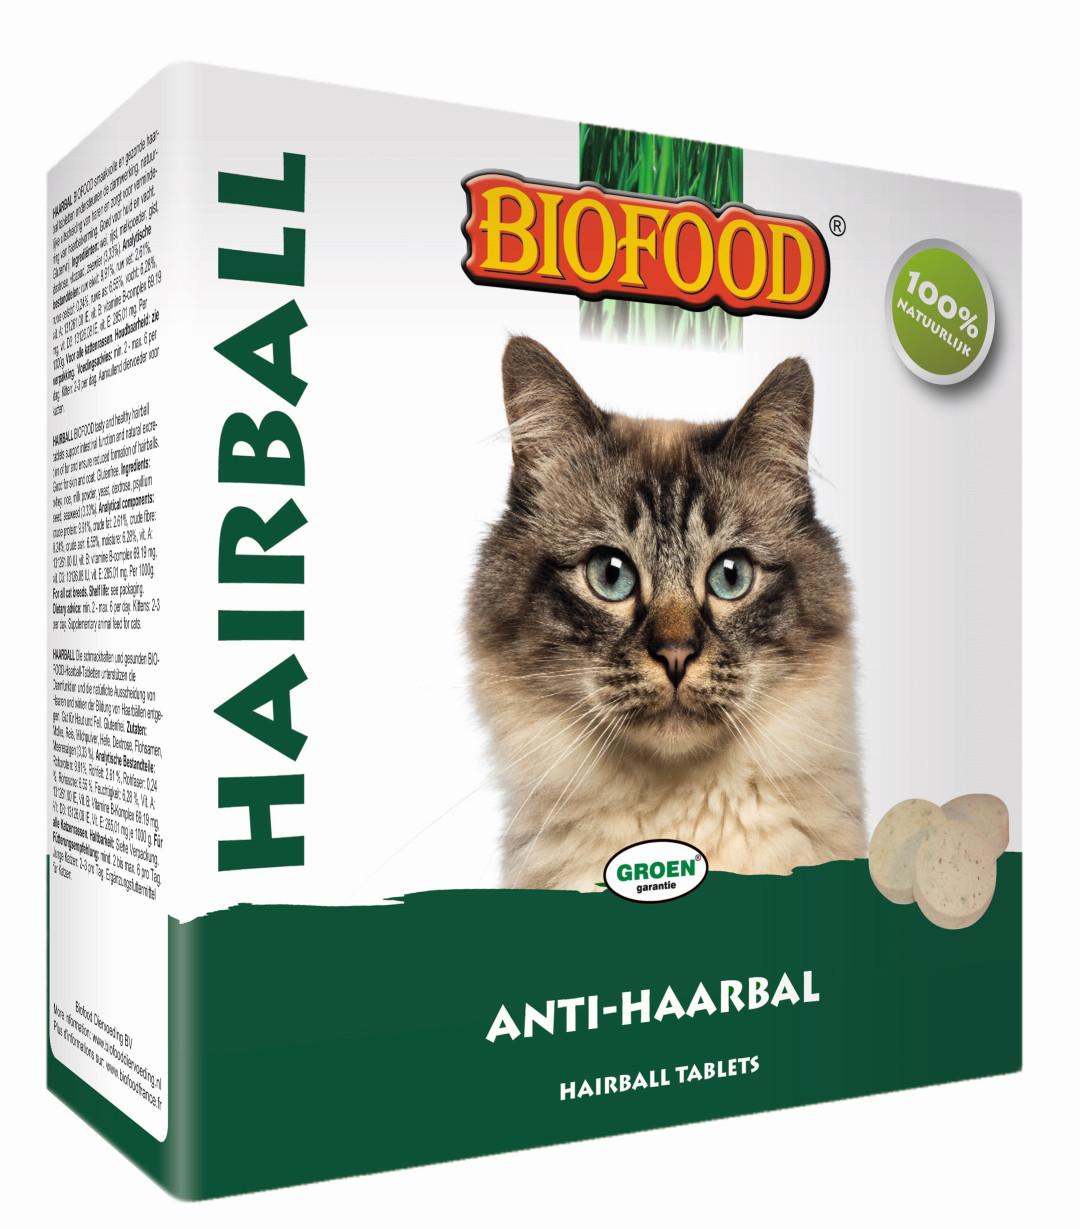 Biofood Hairball tabletten 100 st